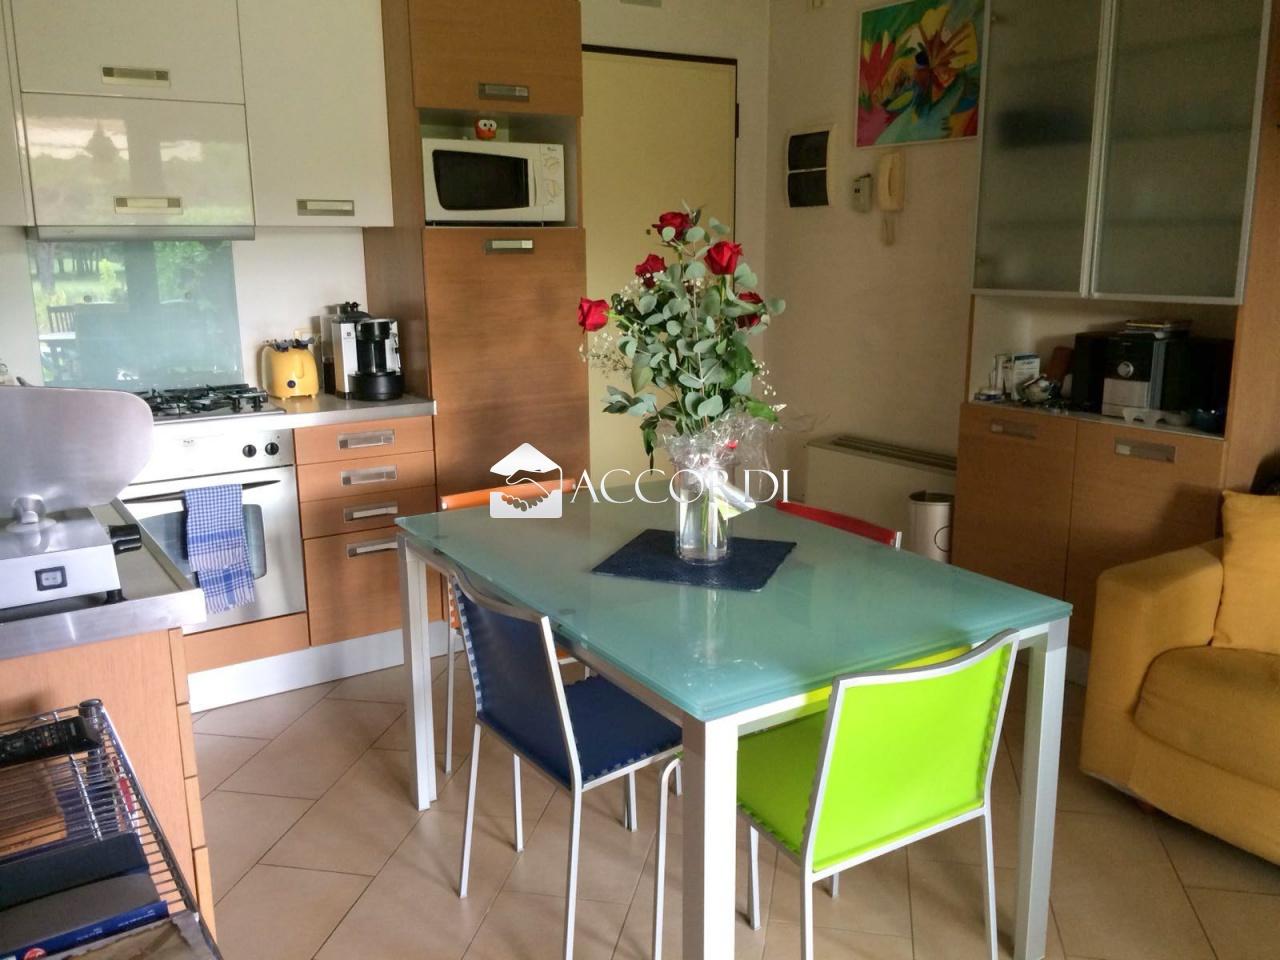 Appartamento in vendita a Lignano Sabbiadoro, 3 locali, prezzo € 235.000 | CambioCasa.it